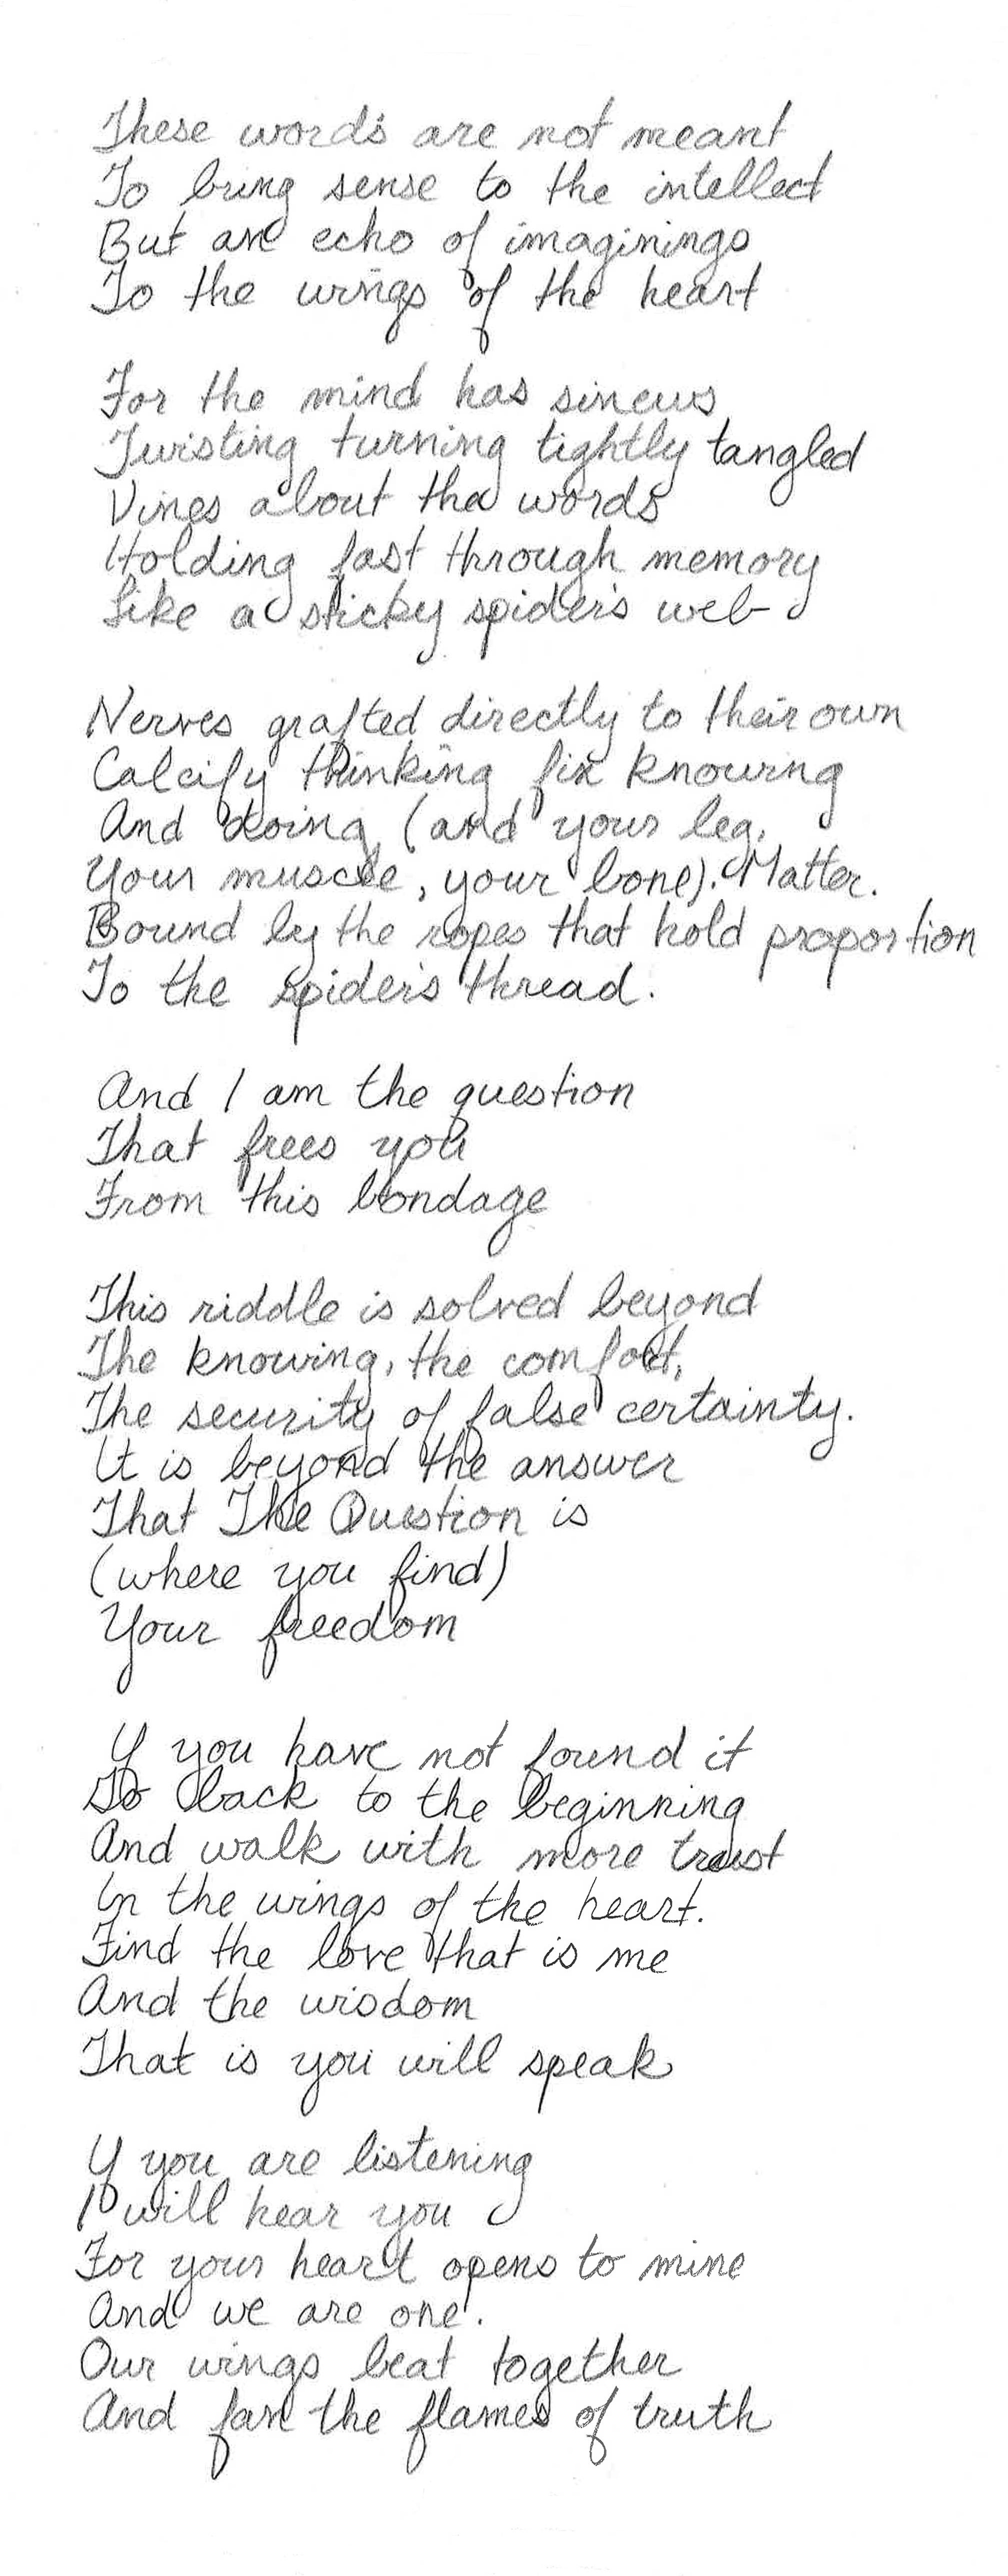 Manuscript1-72dpi